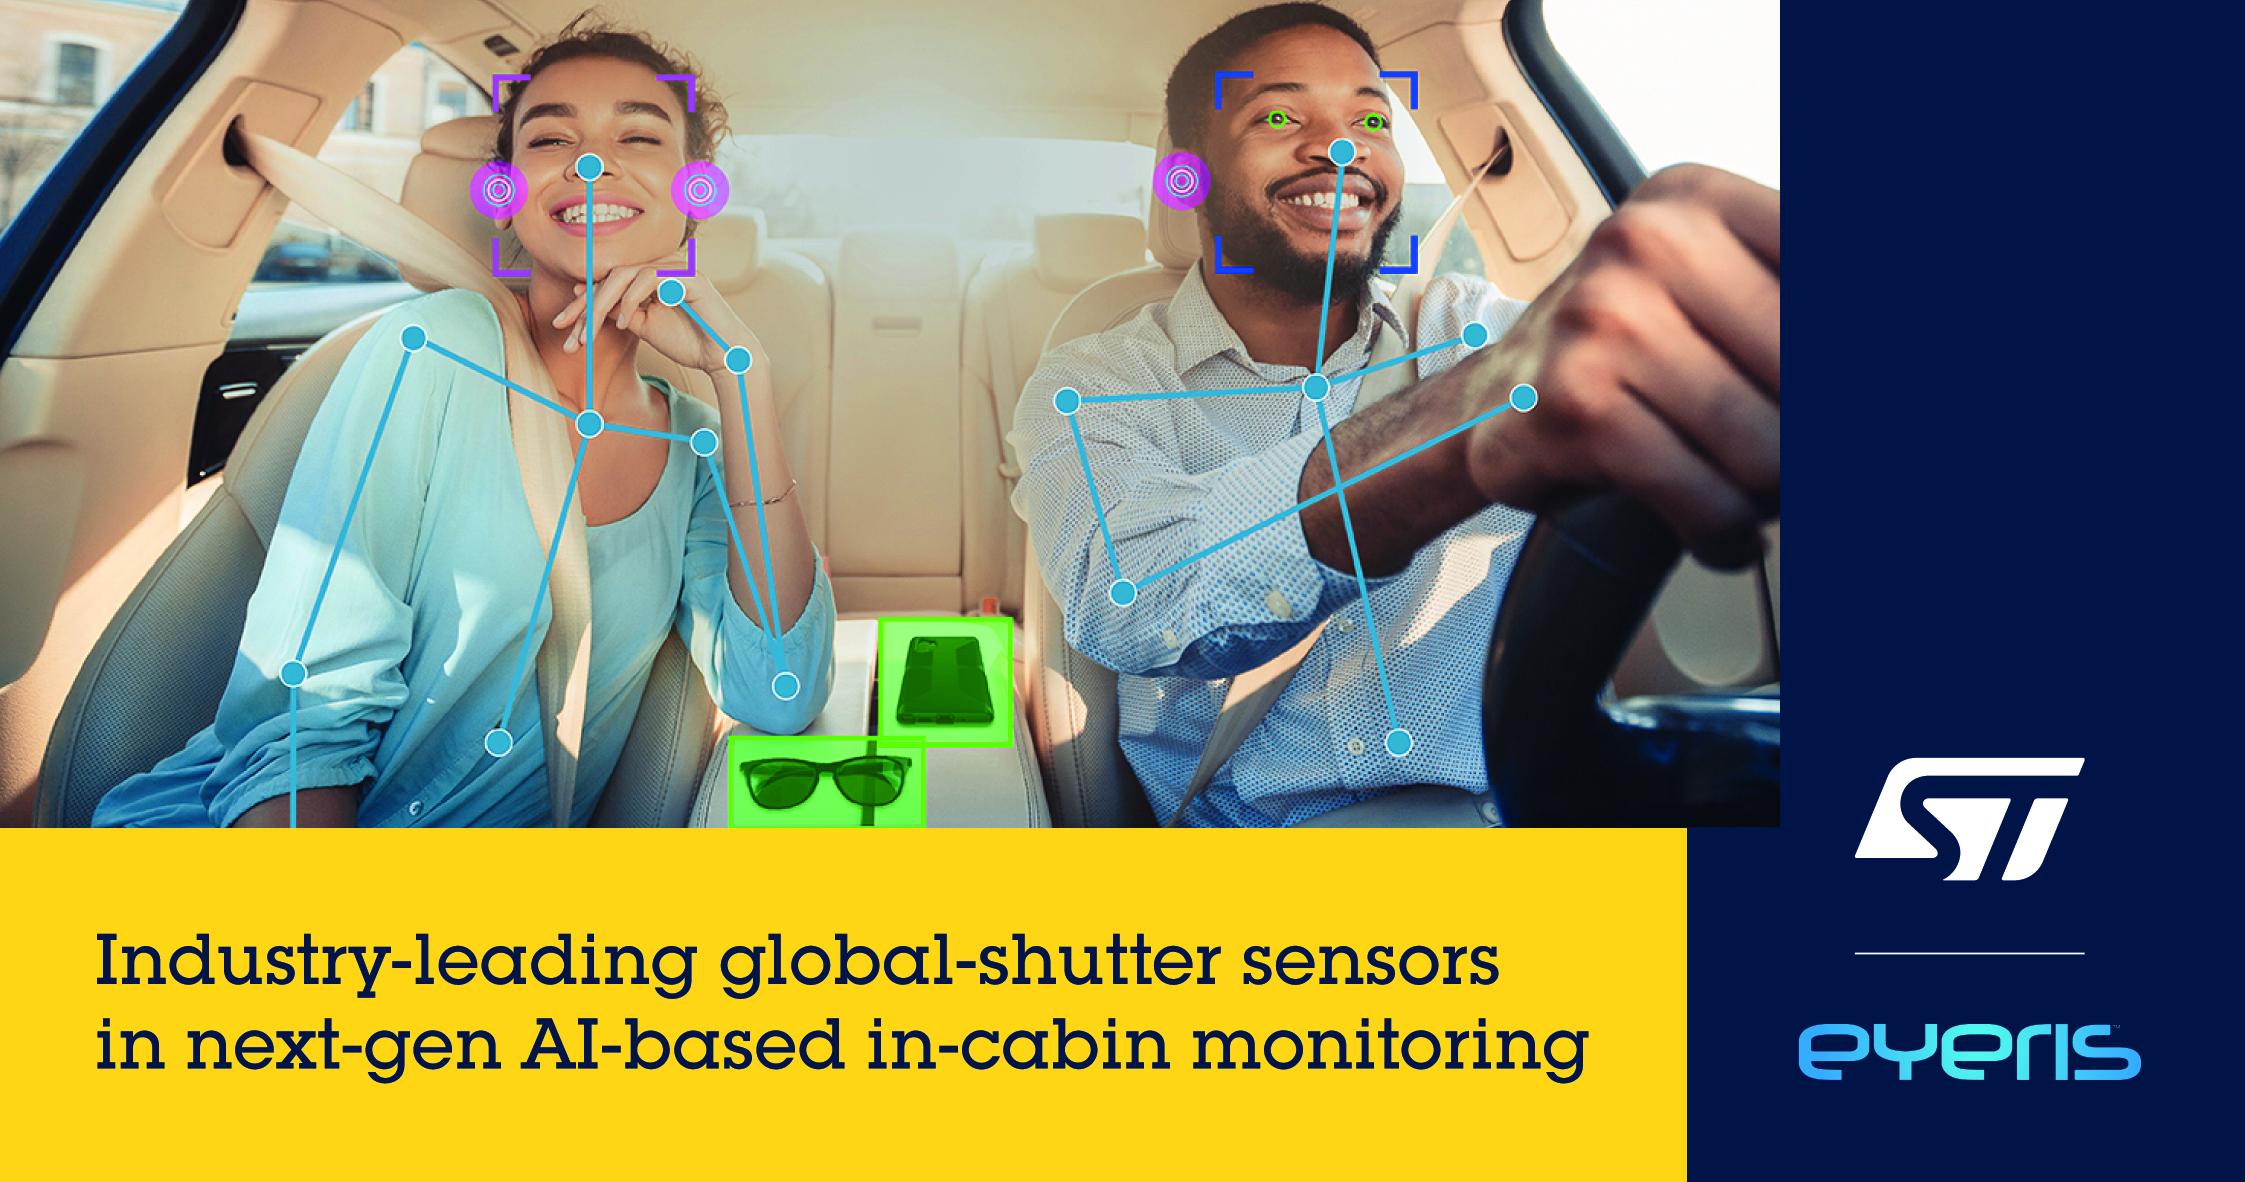 意法半导体与 Eyeris 合作开发车内监控全局快门传感器解决方案